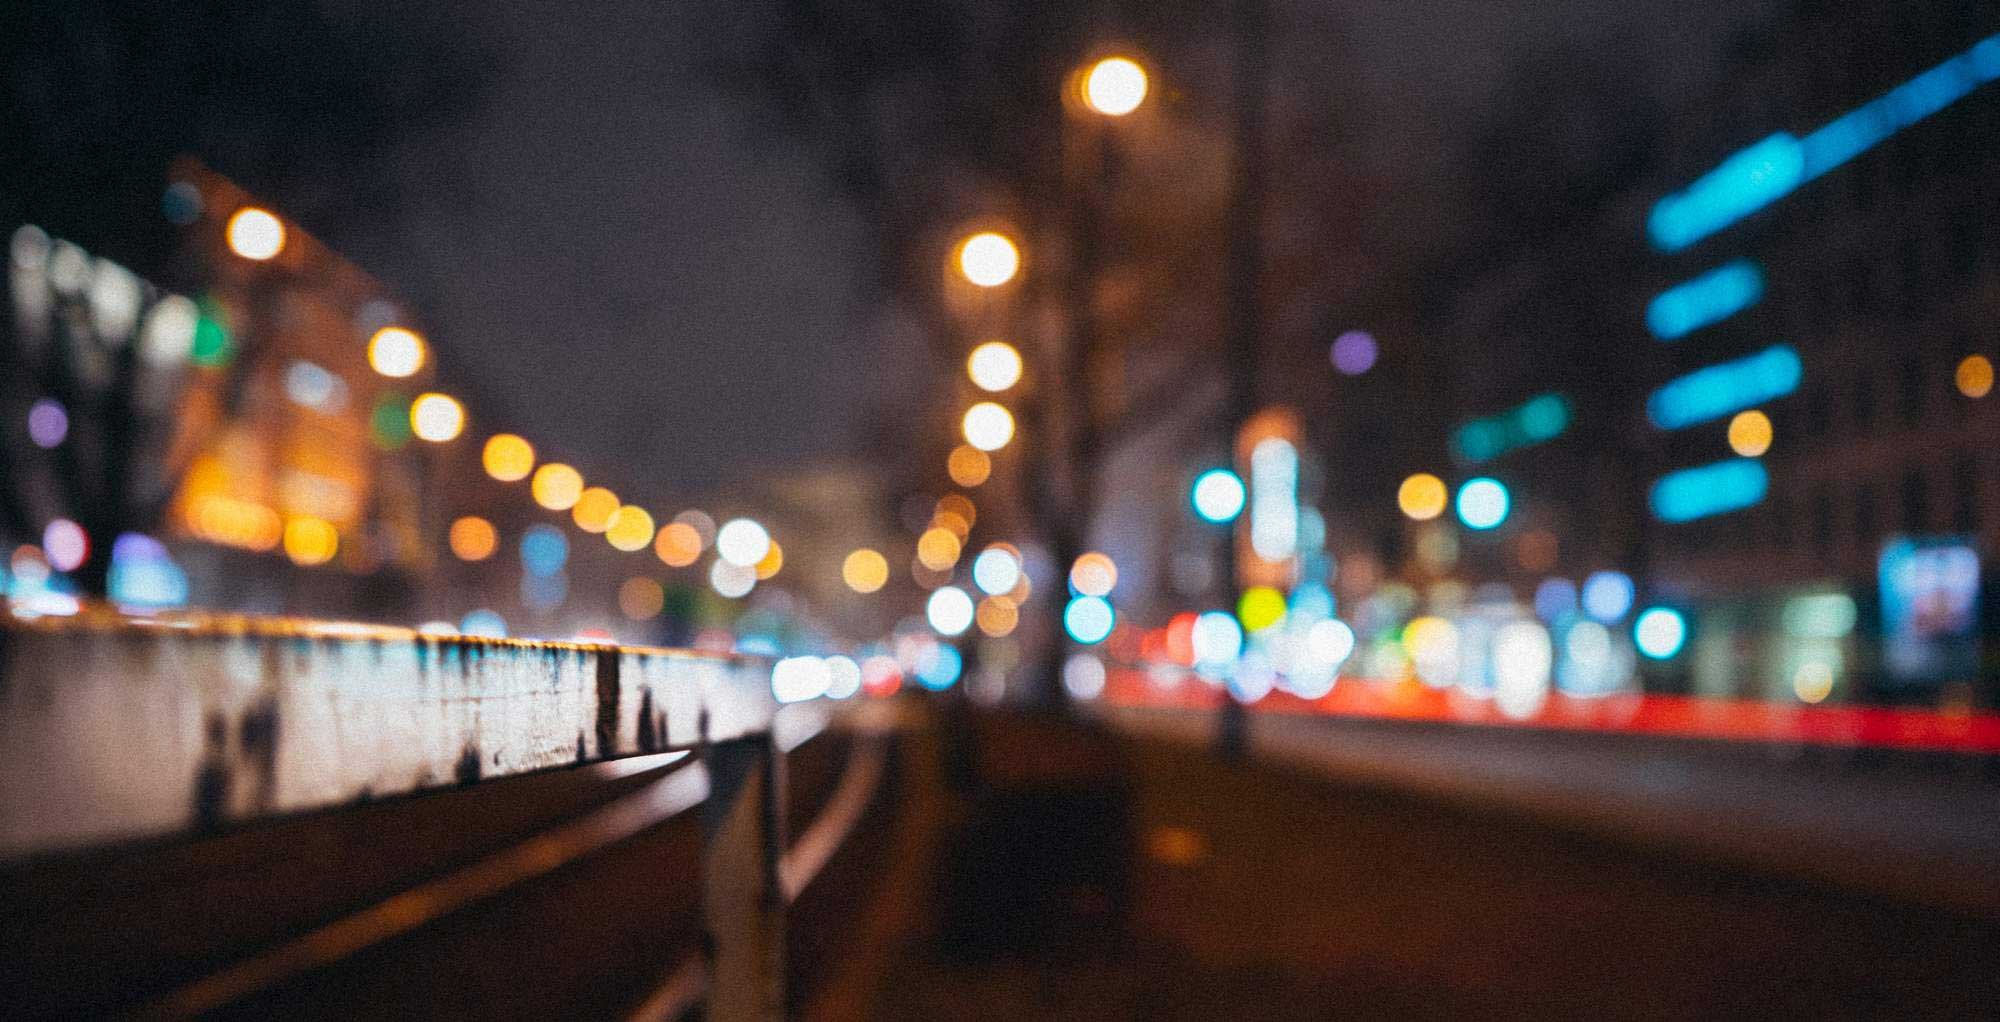 Architekturfoto Nacht